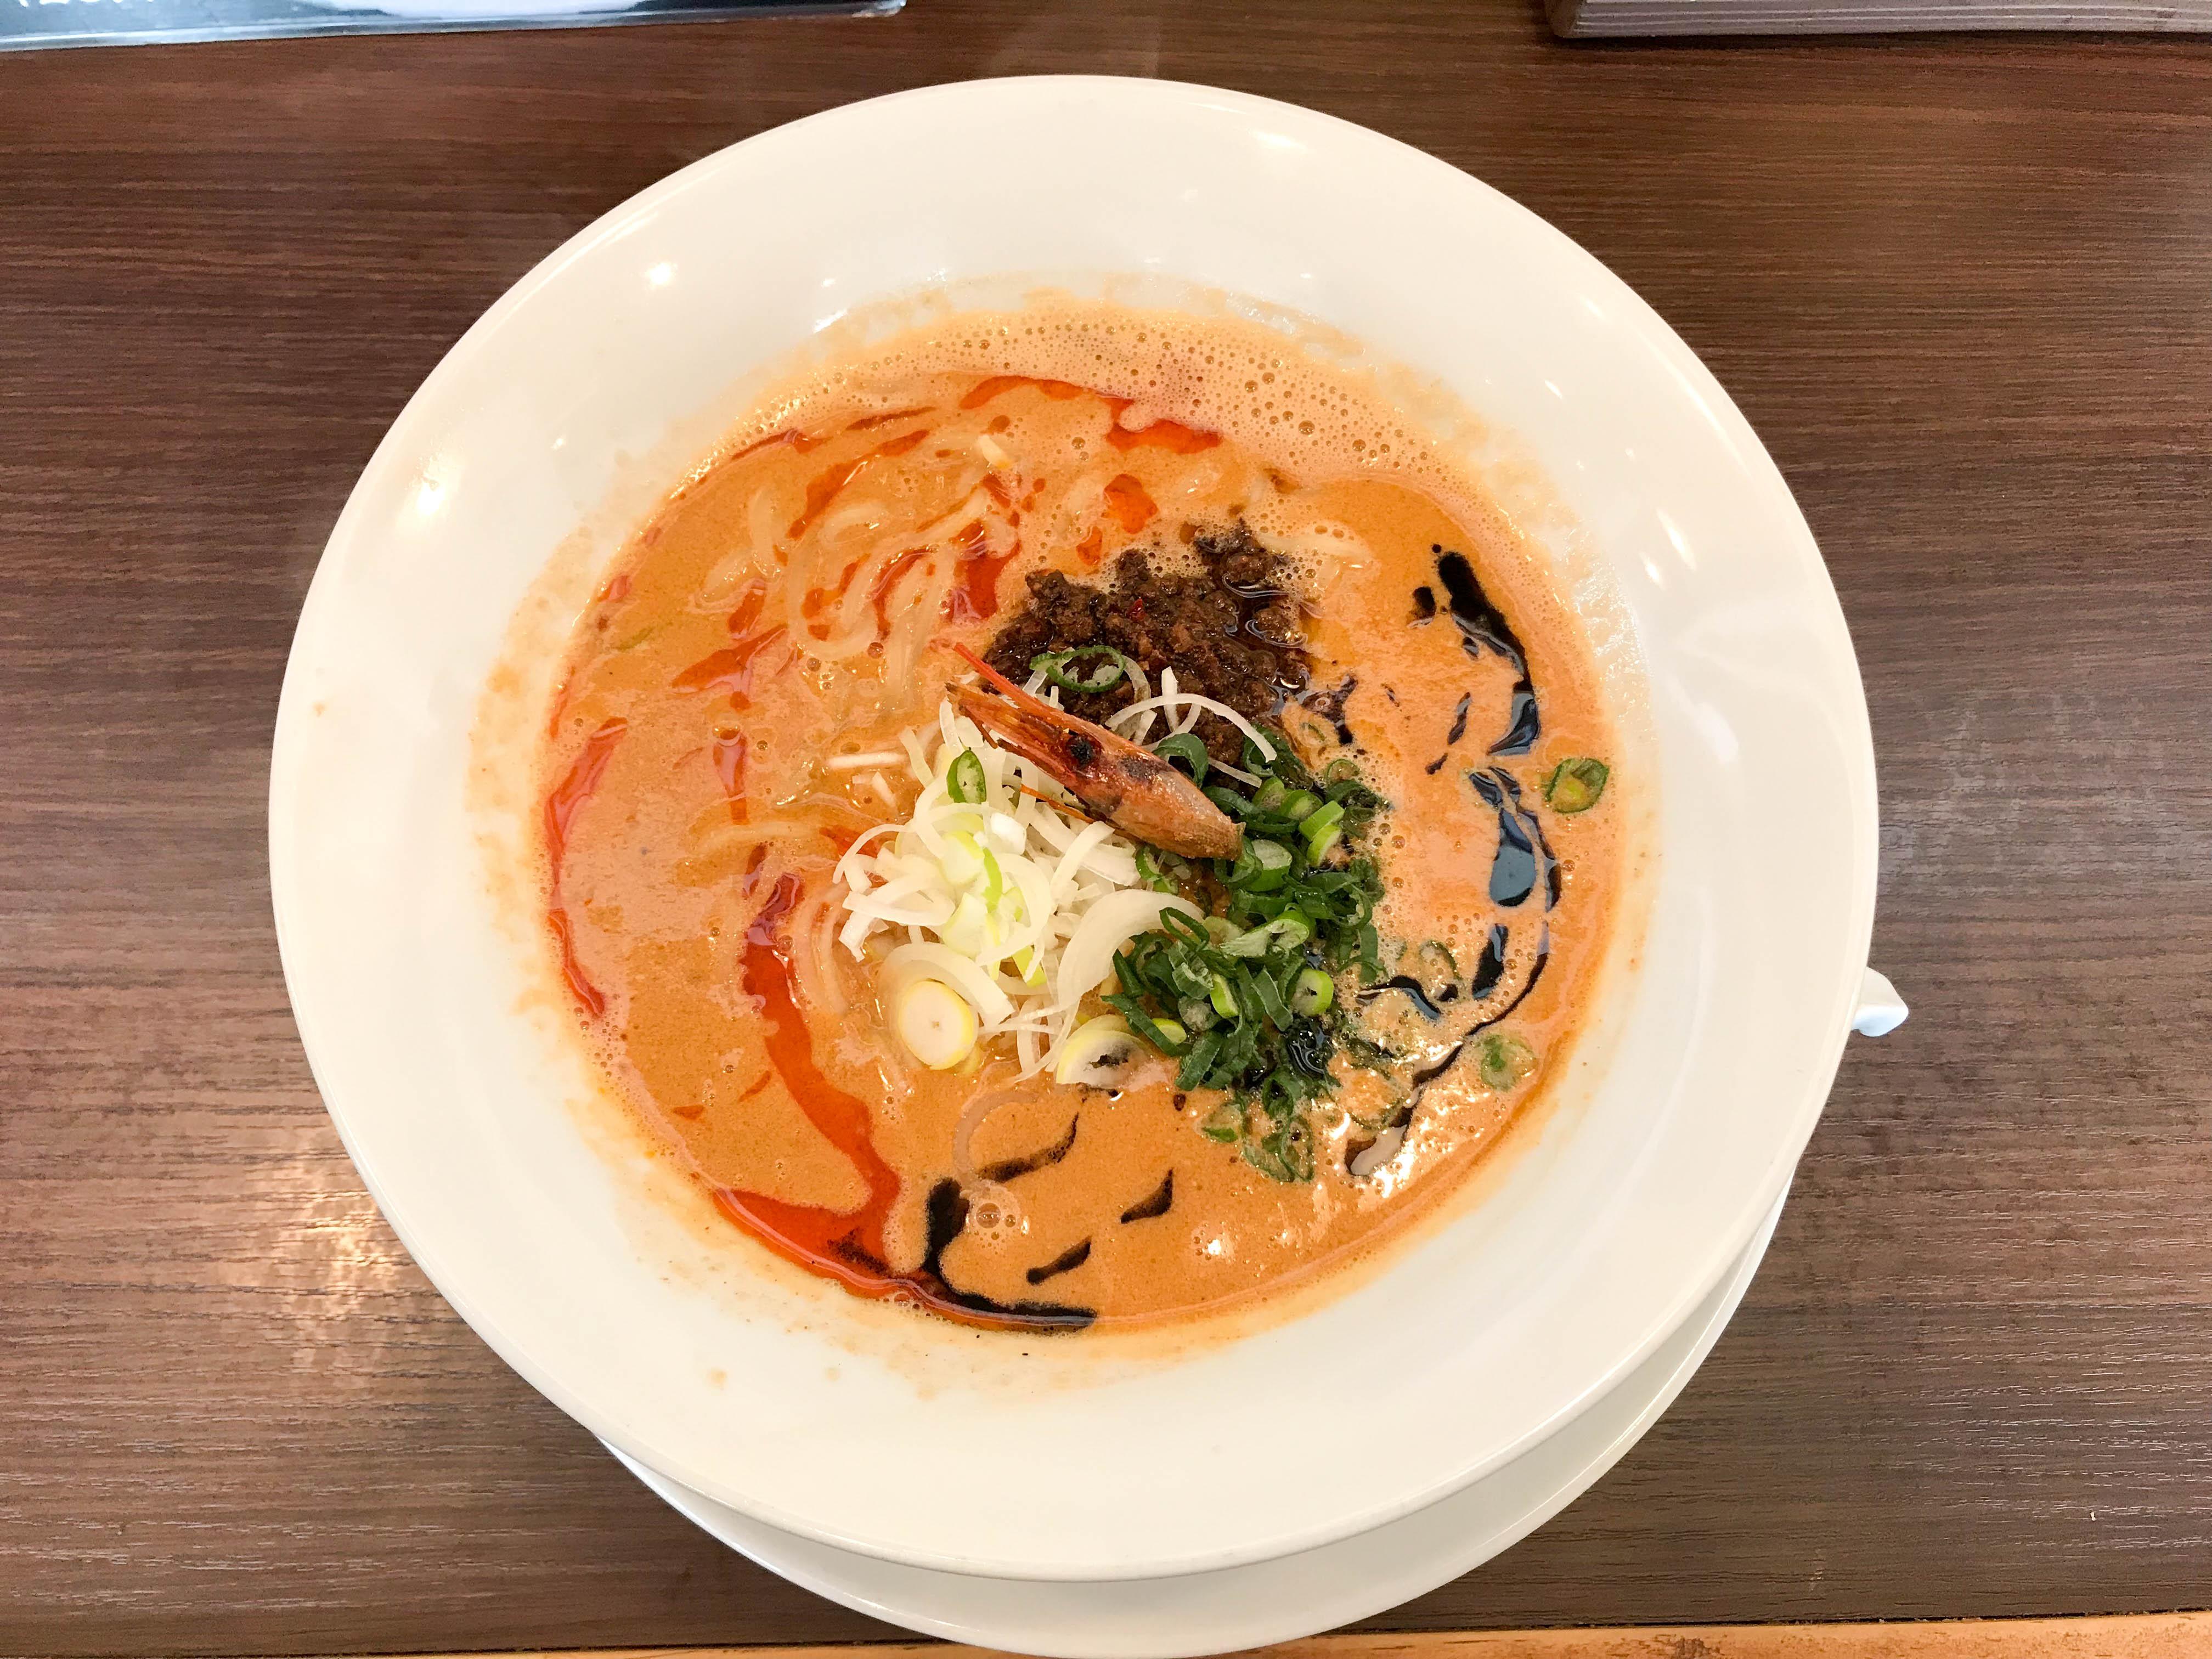 麺屋Aisin 河渡本店(新潟市東区河渡本町) 海老寿久担々麺を食べて叫んだ。「これはラーメンじゃない!もはや海老だ!」と。